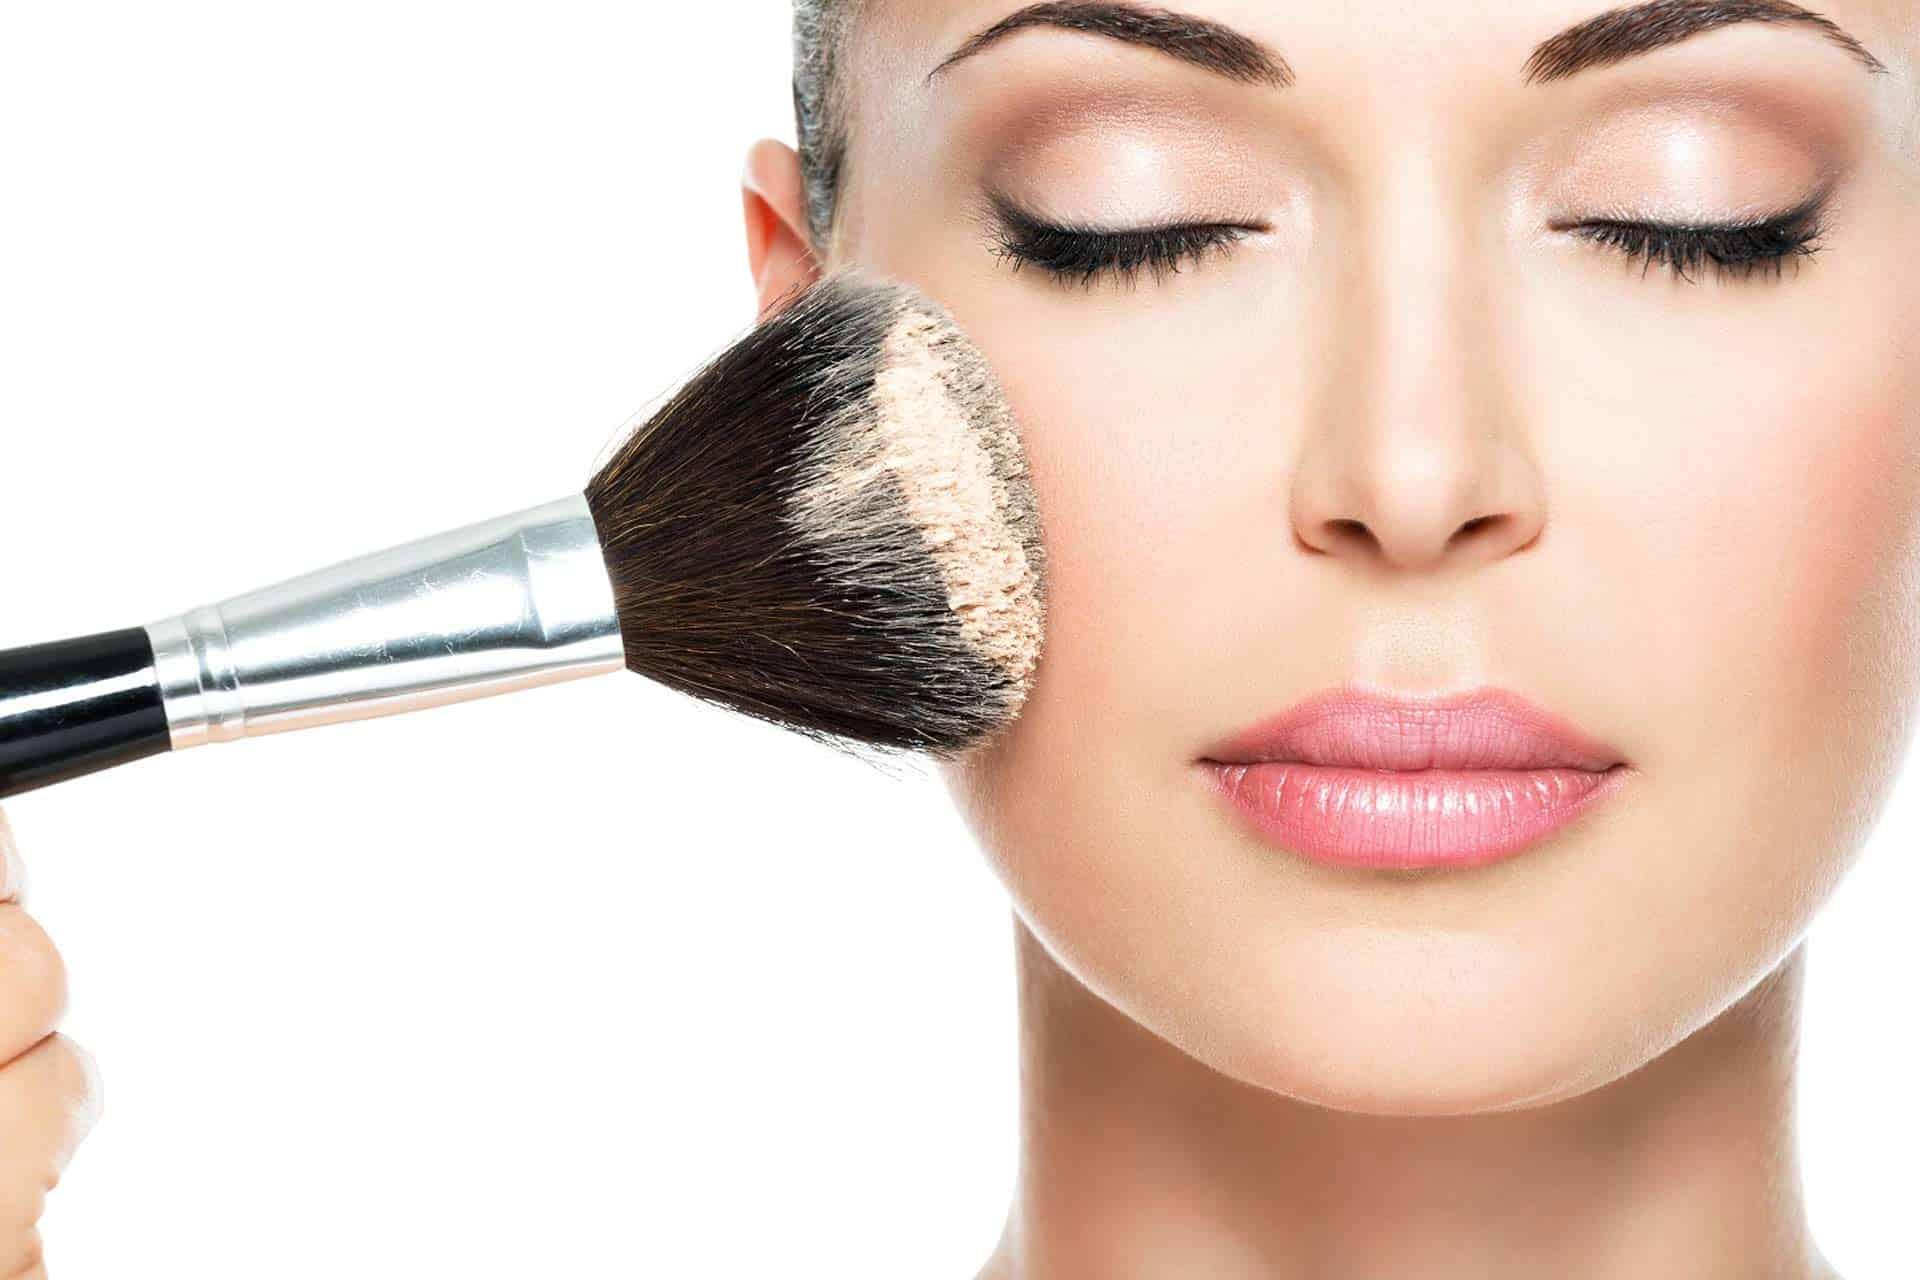 вернуть свежесть и сияние поможет макияж